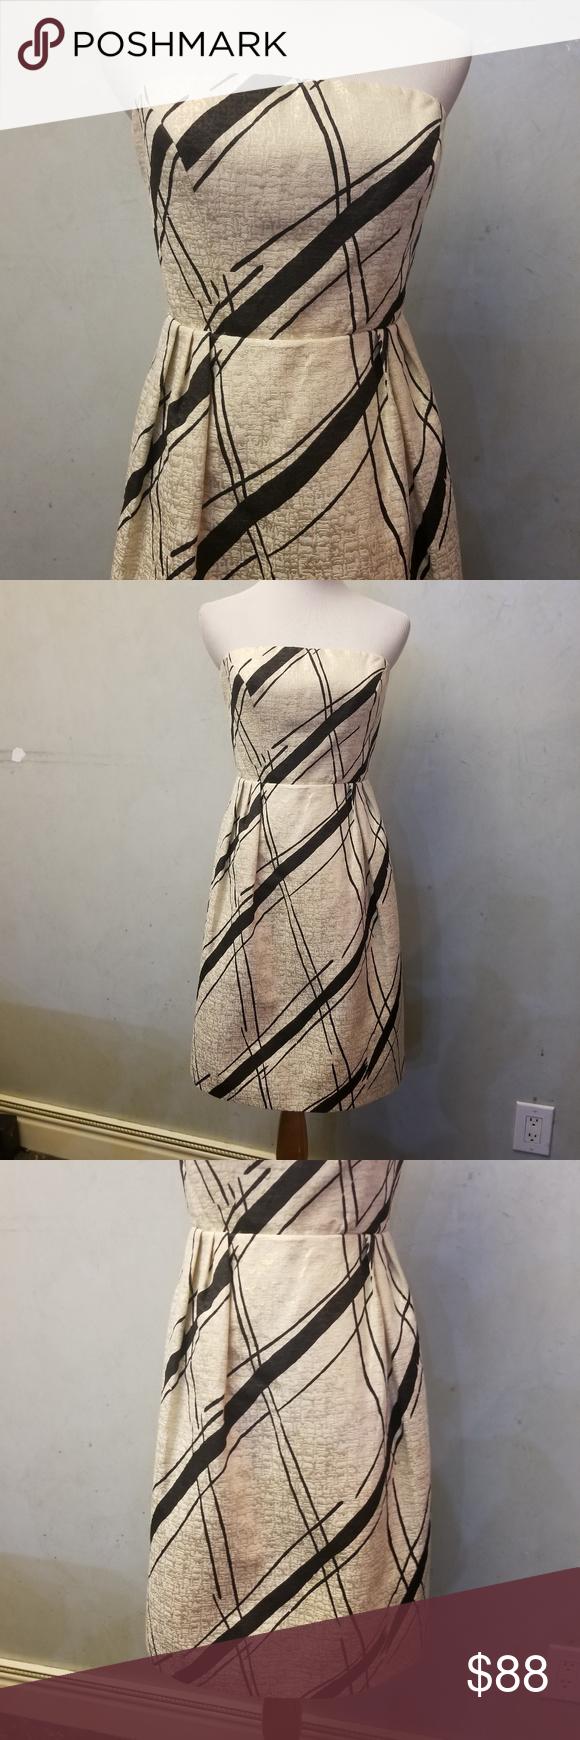 Anthropolagie metallic detailed dress h in my posh picks